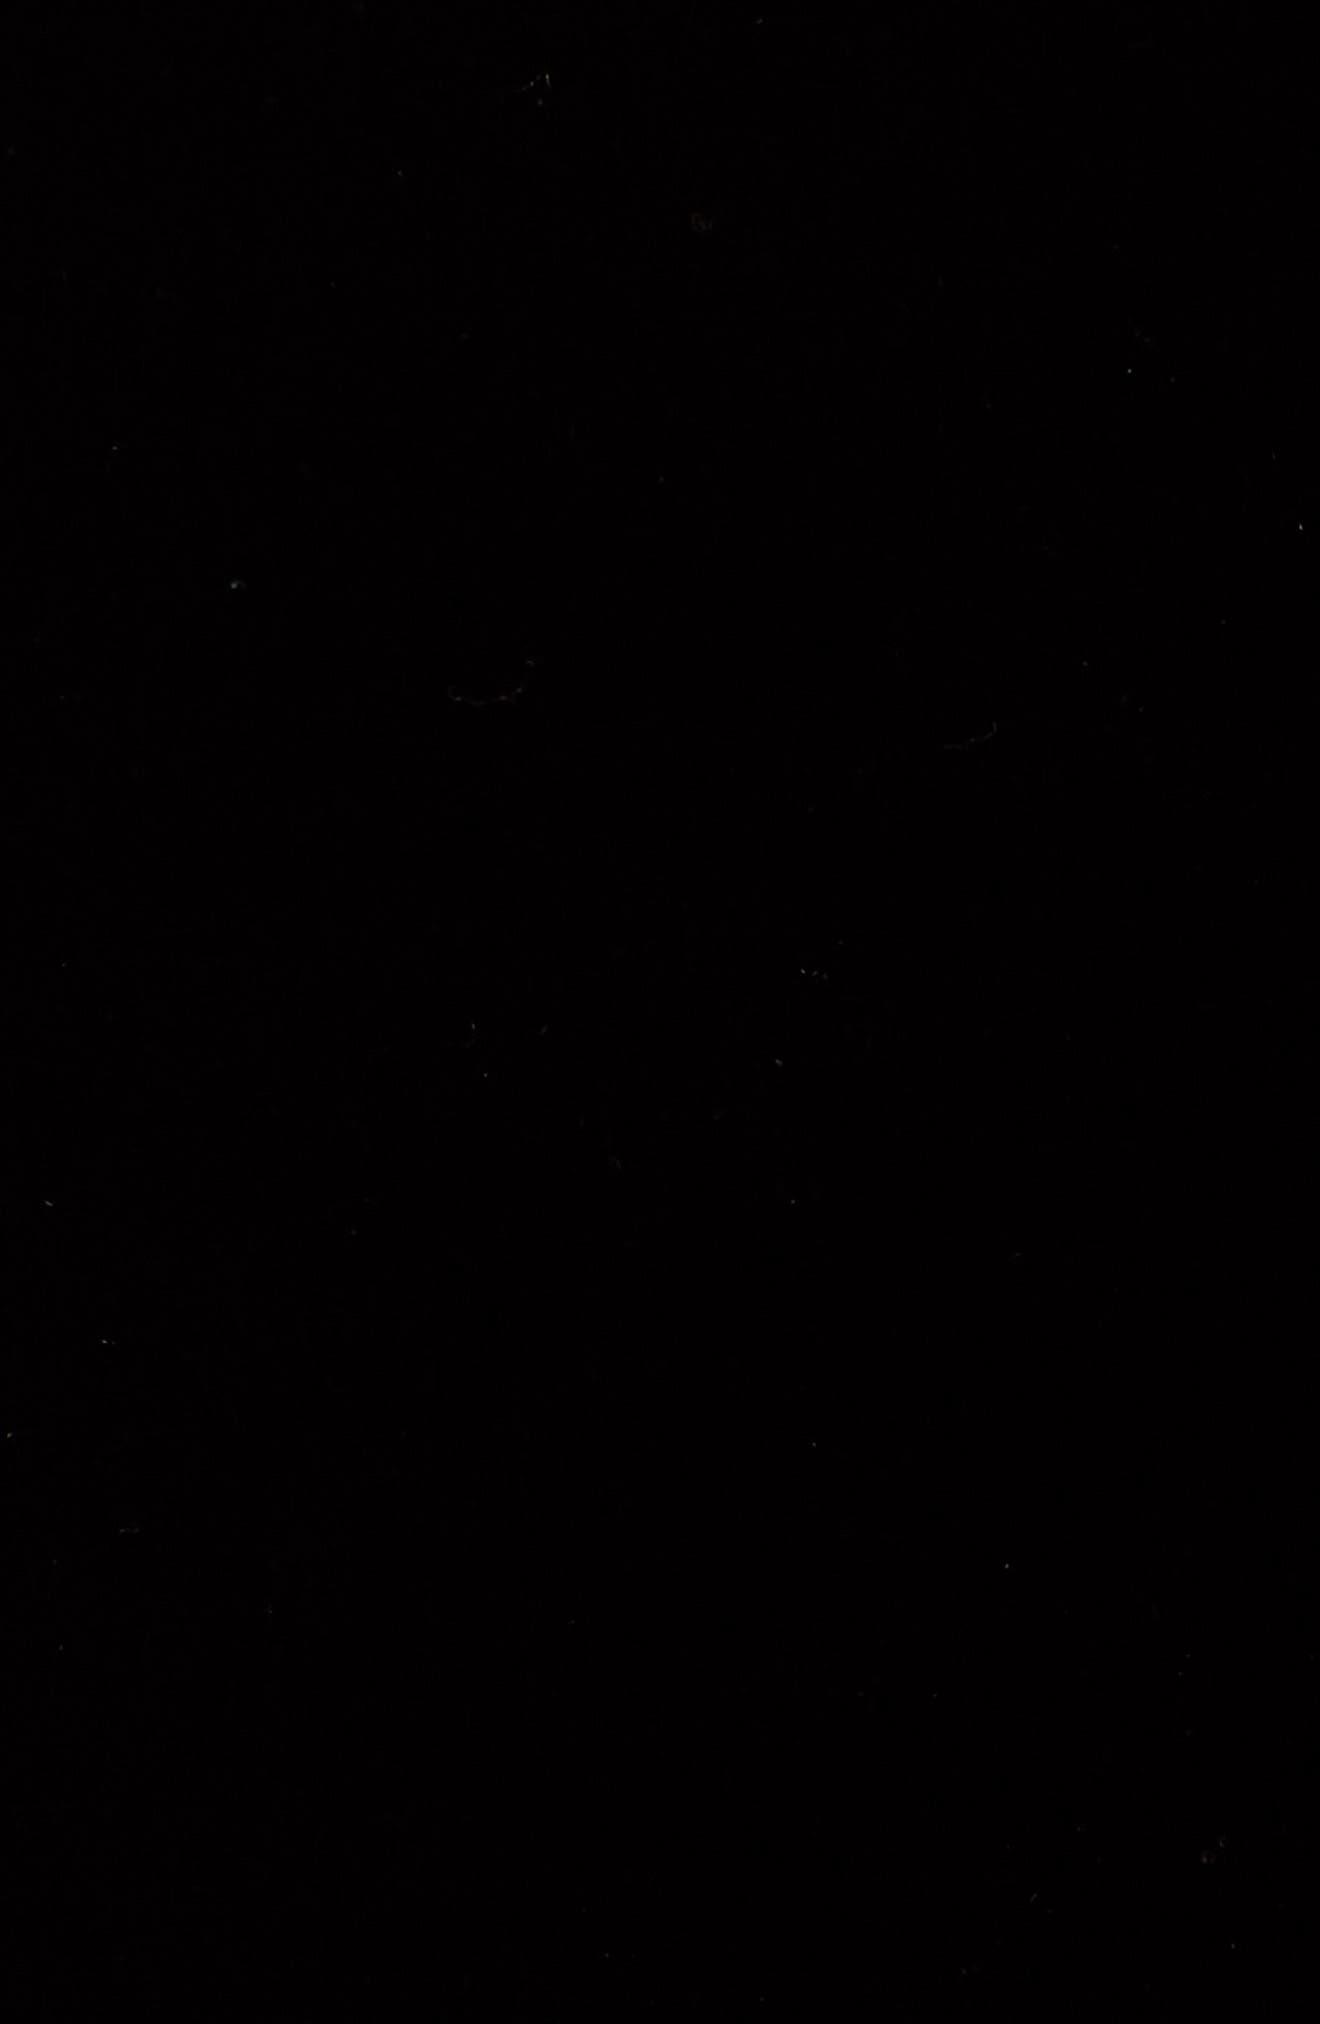 Velvet & Fleece Half Sleeve Top,                             Alternate thumbnail 5, color,                             BLACK